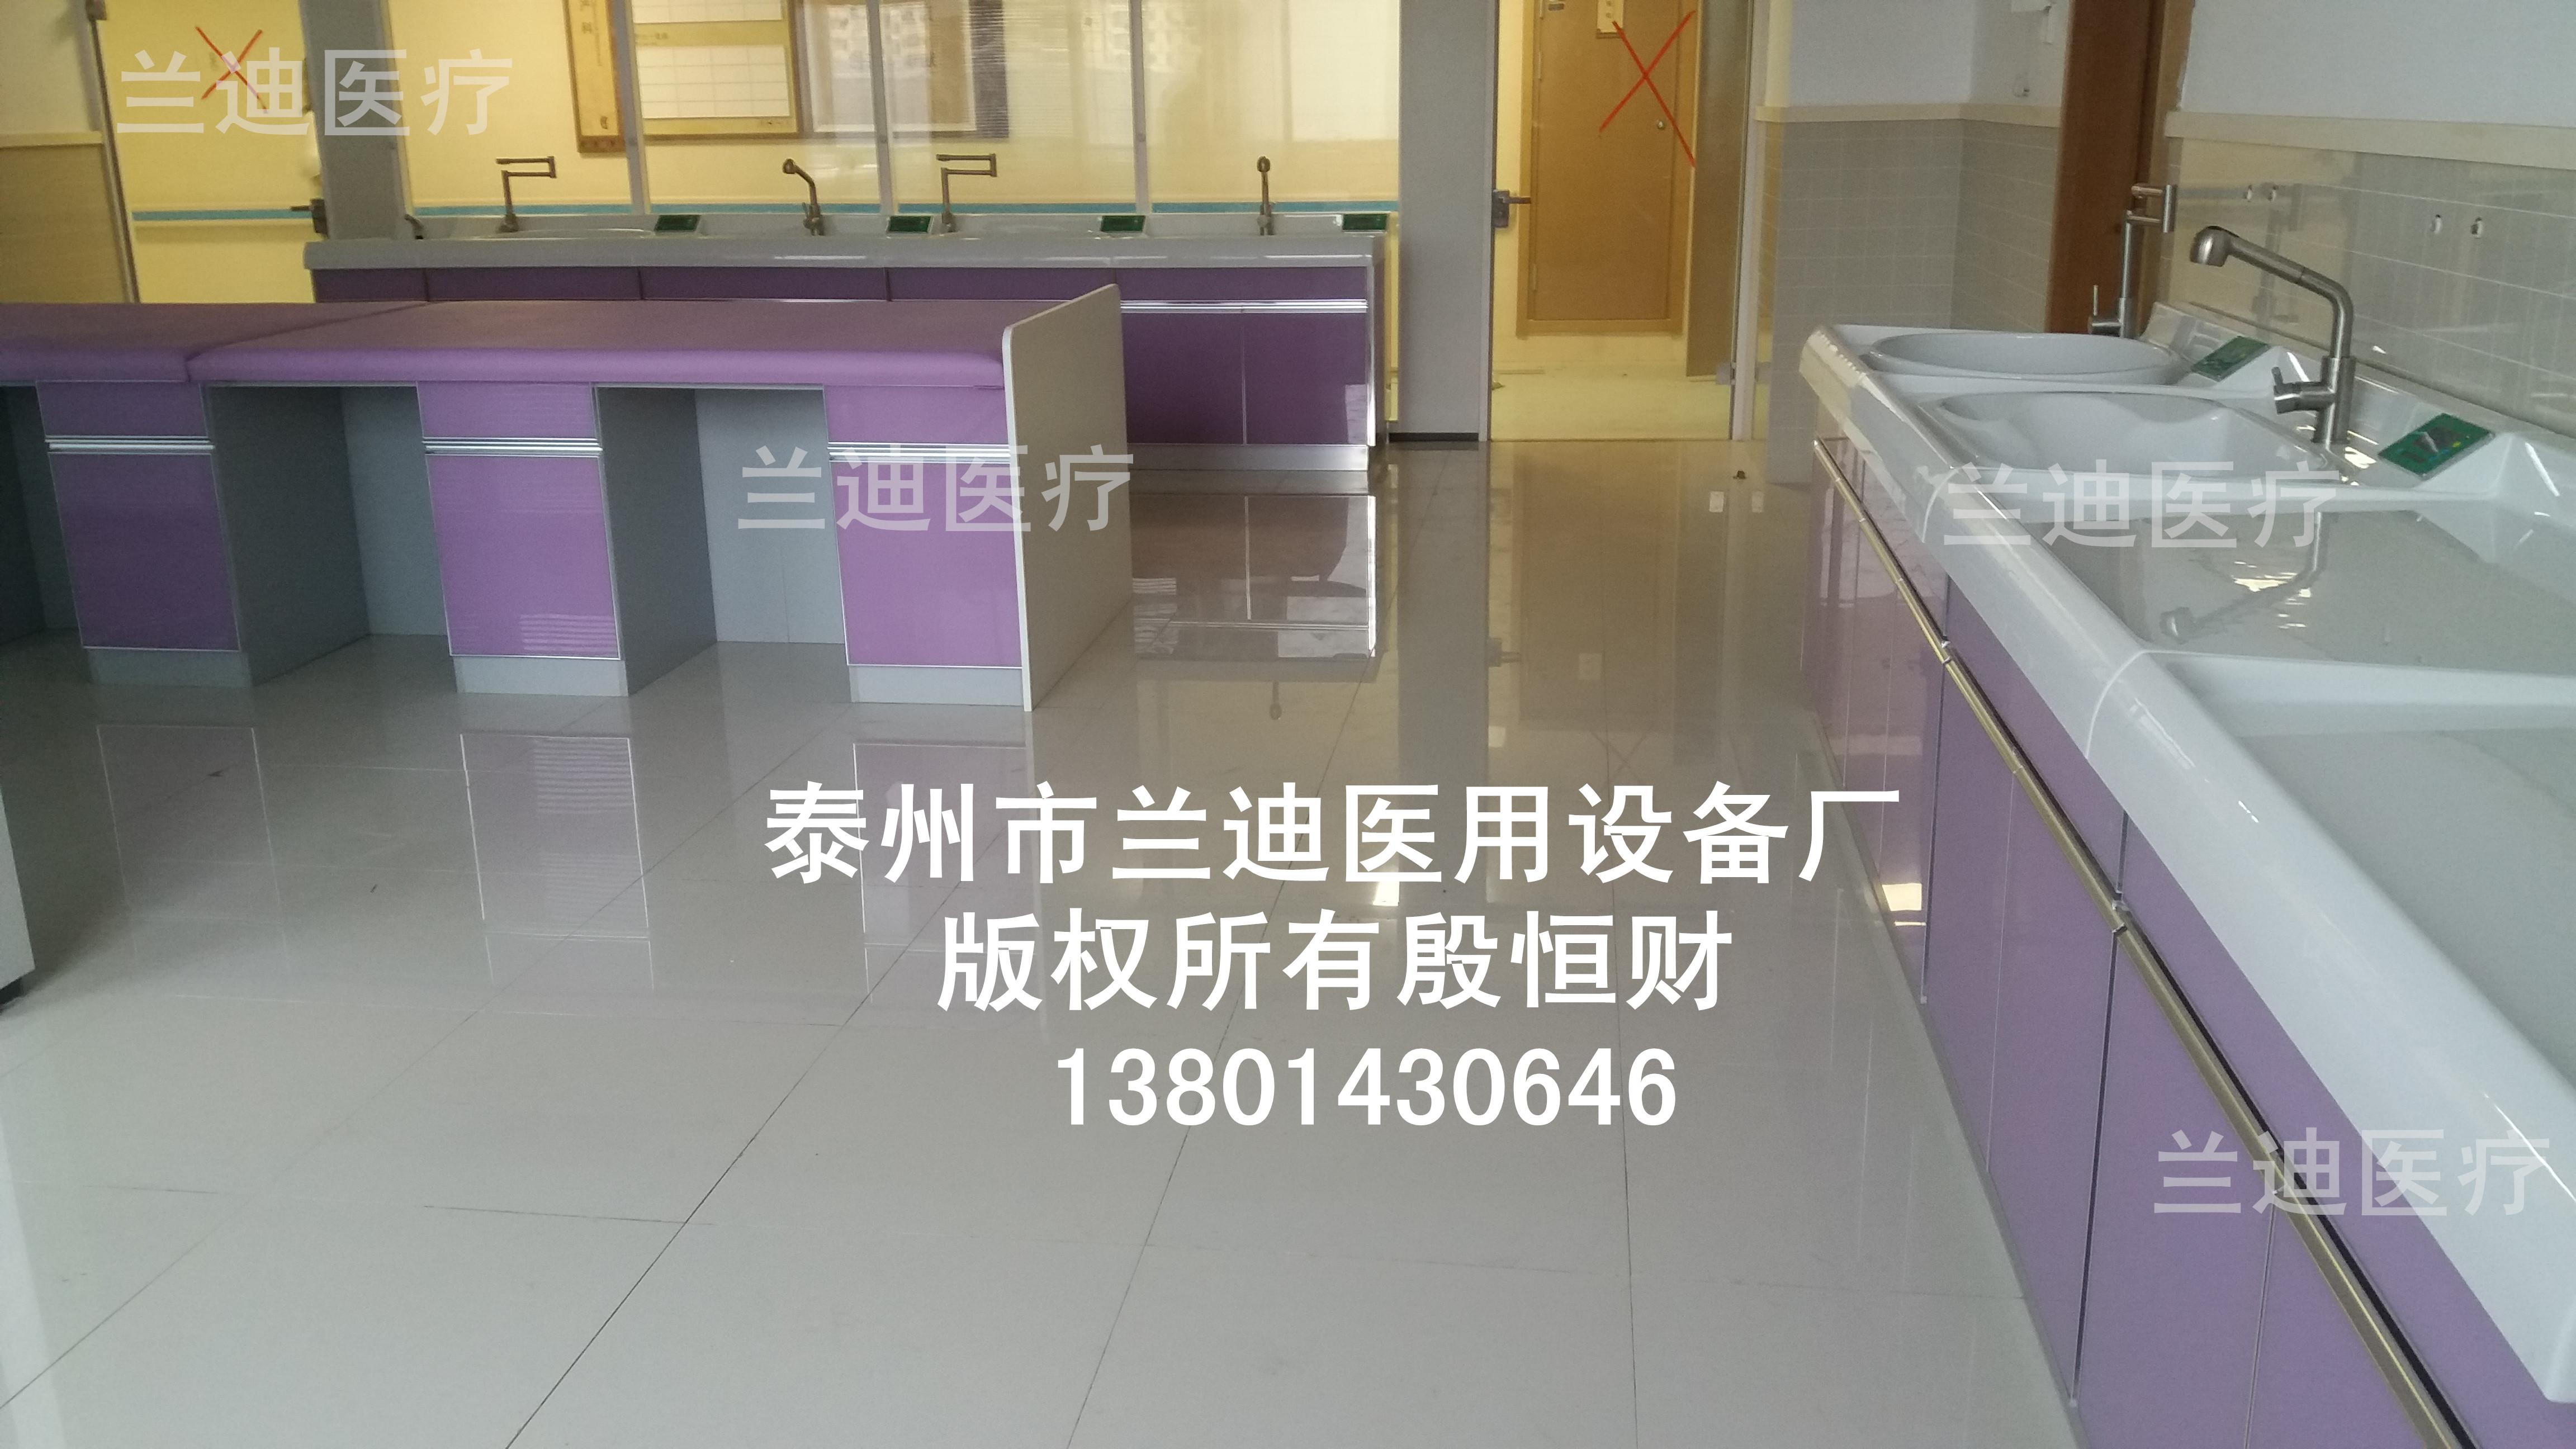 供应厂家直销婴儿洗浴游泳中心设备